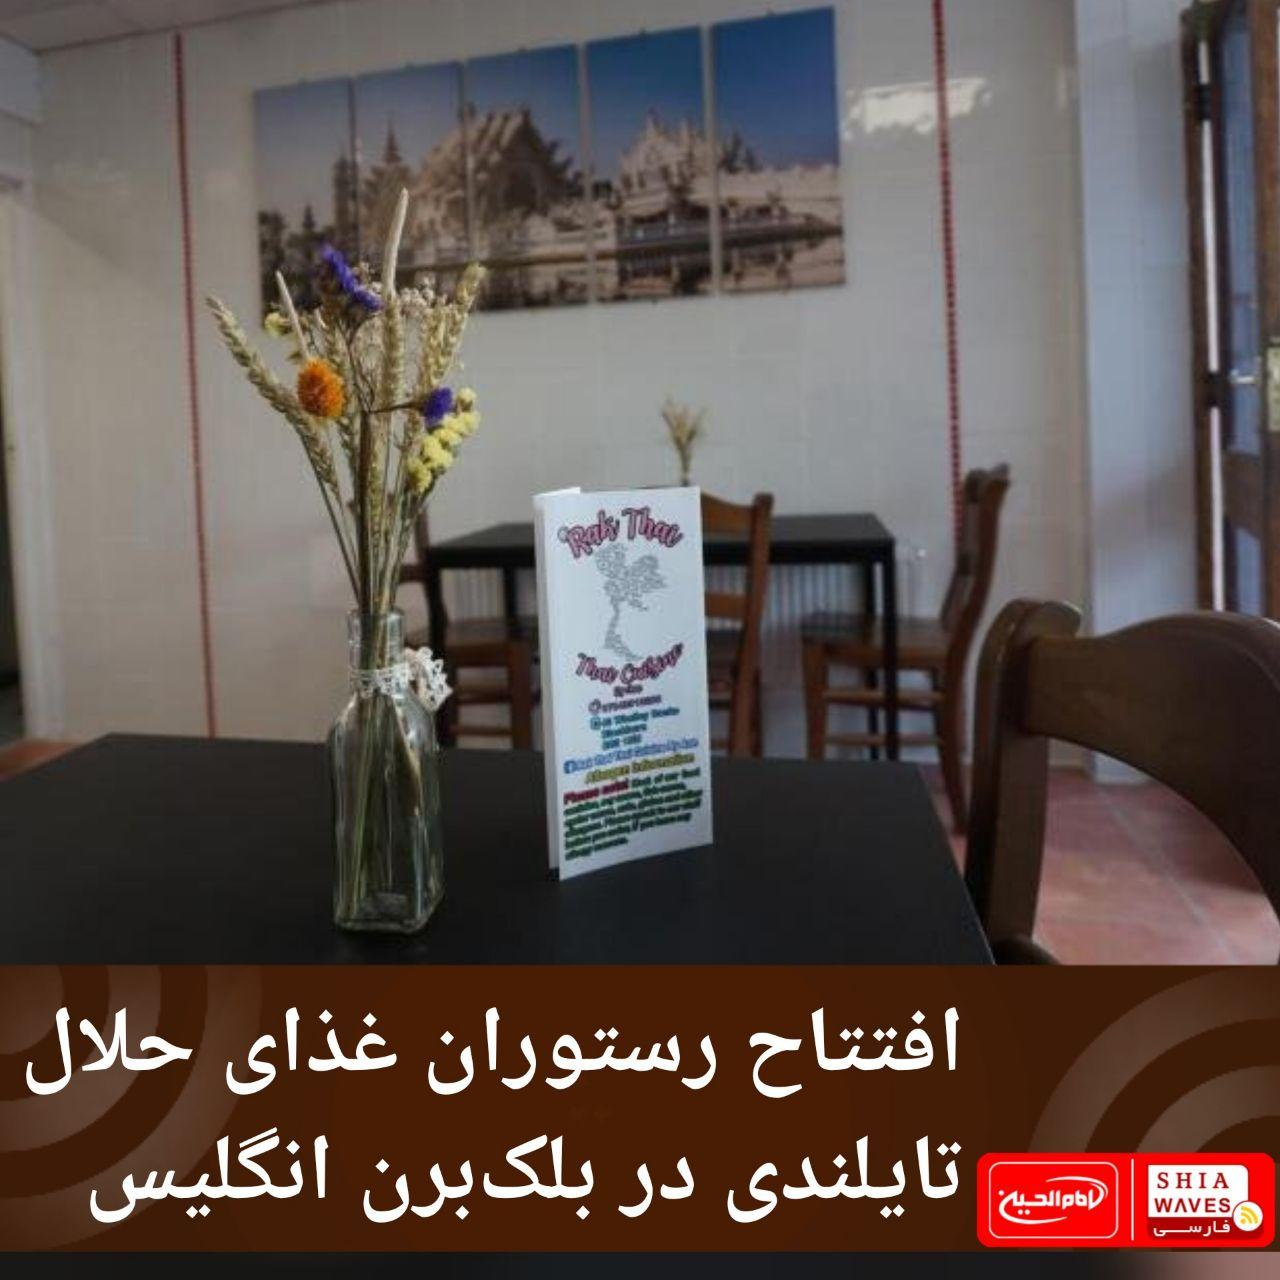 تصویر افتتاح رستوران غذای حلال تایلندی در بلکبرن انگلیس